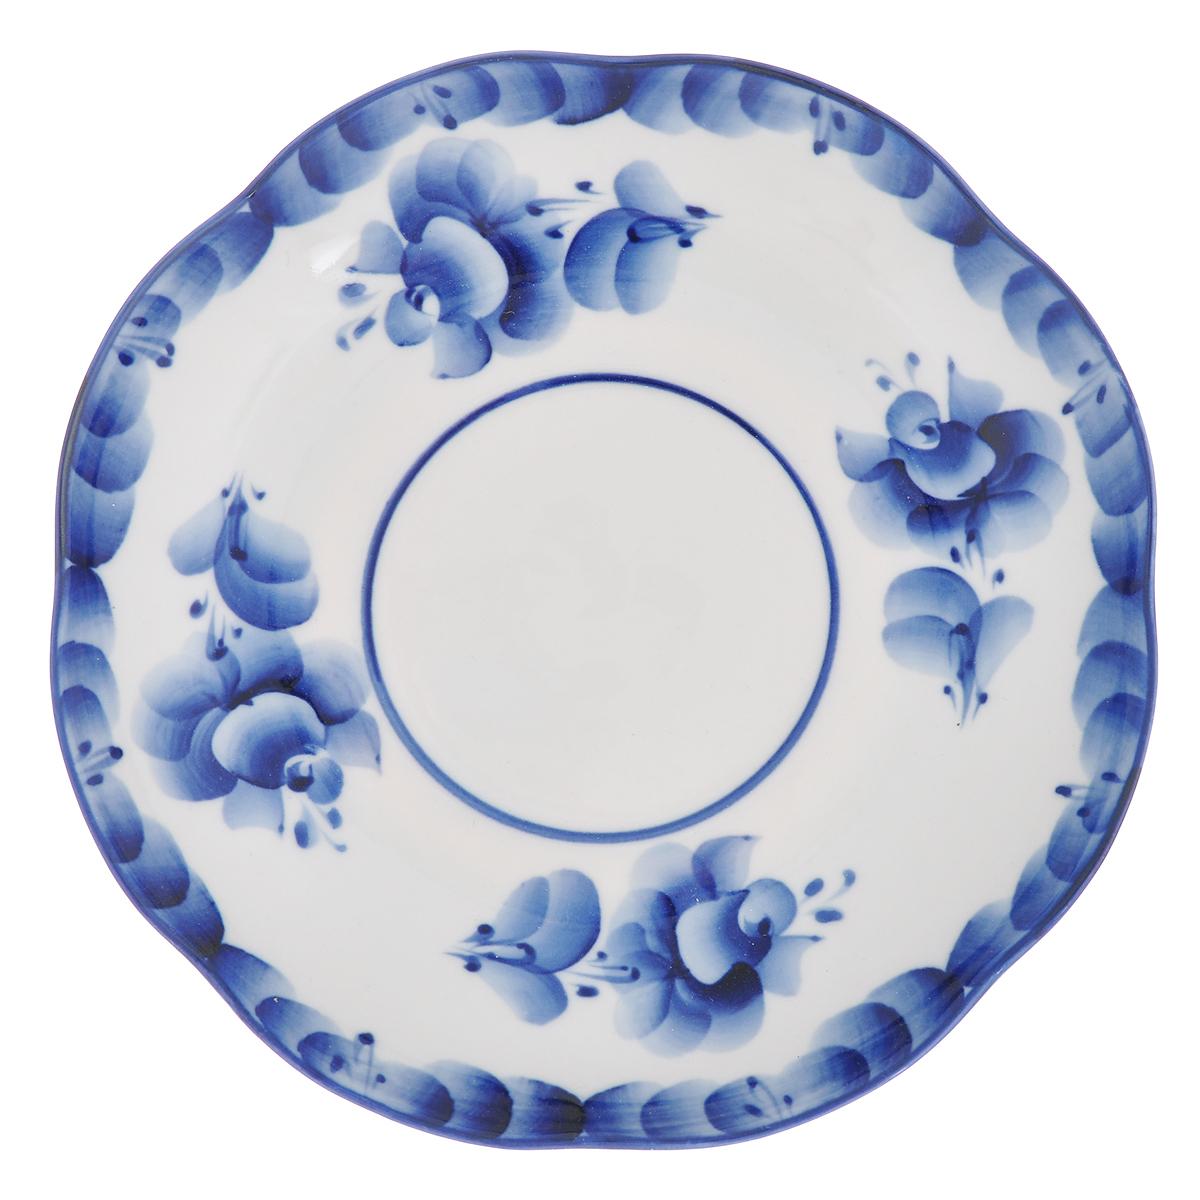 Блюдце Улыбка, диаметр 17,5 см993016902_вид 1Блюдце Улыбка, изготовленное из высококачественной керамики, предназначено для красивой сервировки стола. Блюдце оформлено оригинальной гжельской росписью. Прекрасный дизайн изделия идеально подойдет для сервировки стола. Обращаем ваше внимание, что роспись на изделиях выполнена вручную. Рисунок может немного отличаться от изображения на фотографии. Диаметр: 17,5 см. Высота блюдца: 2,5 см.